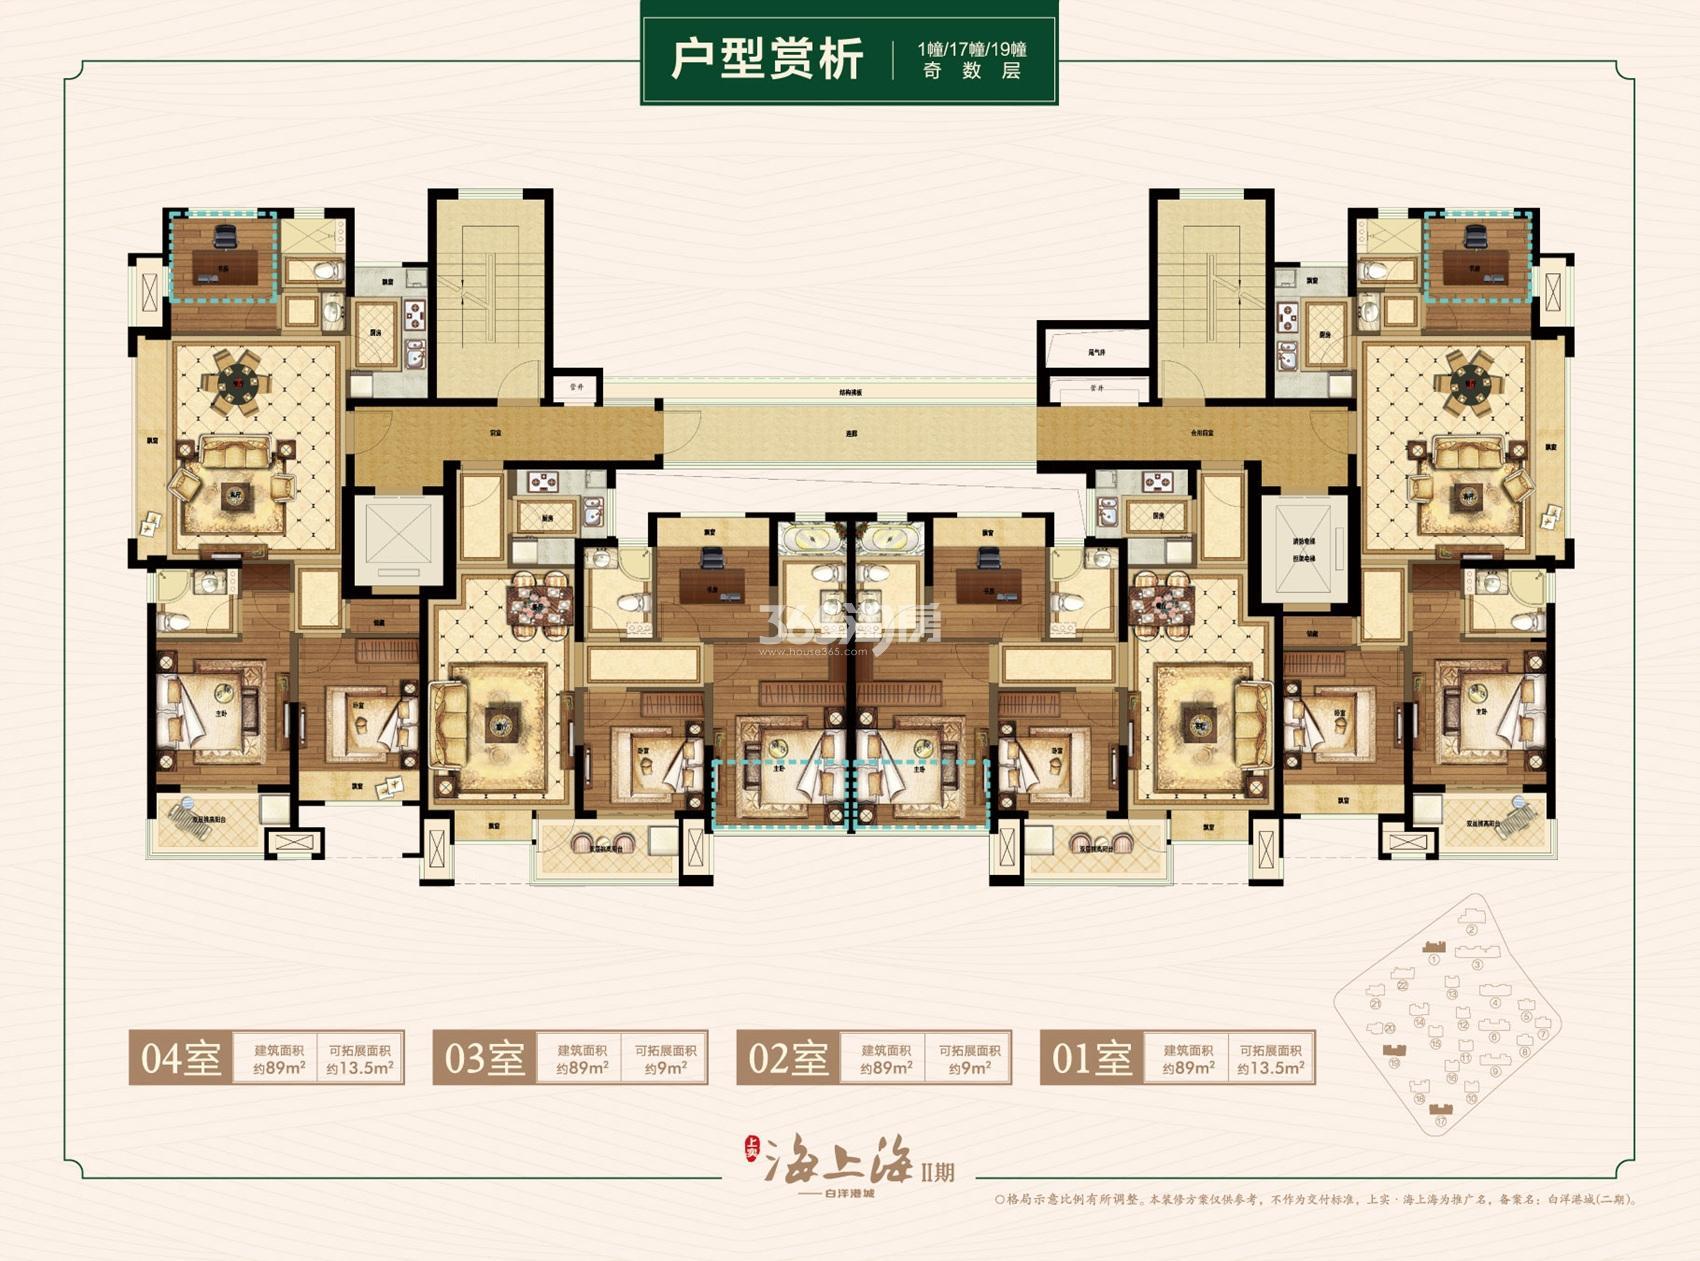 上实海上海二期1、17、19号楼奇数层户型 89㎡x4